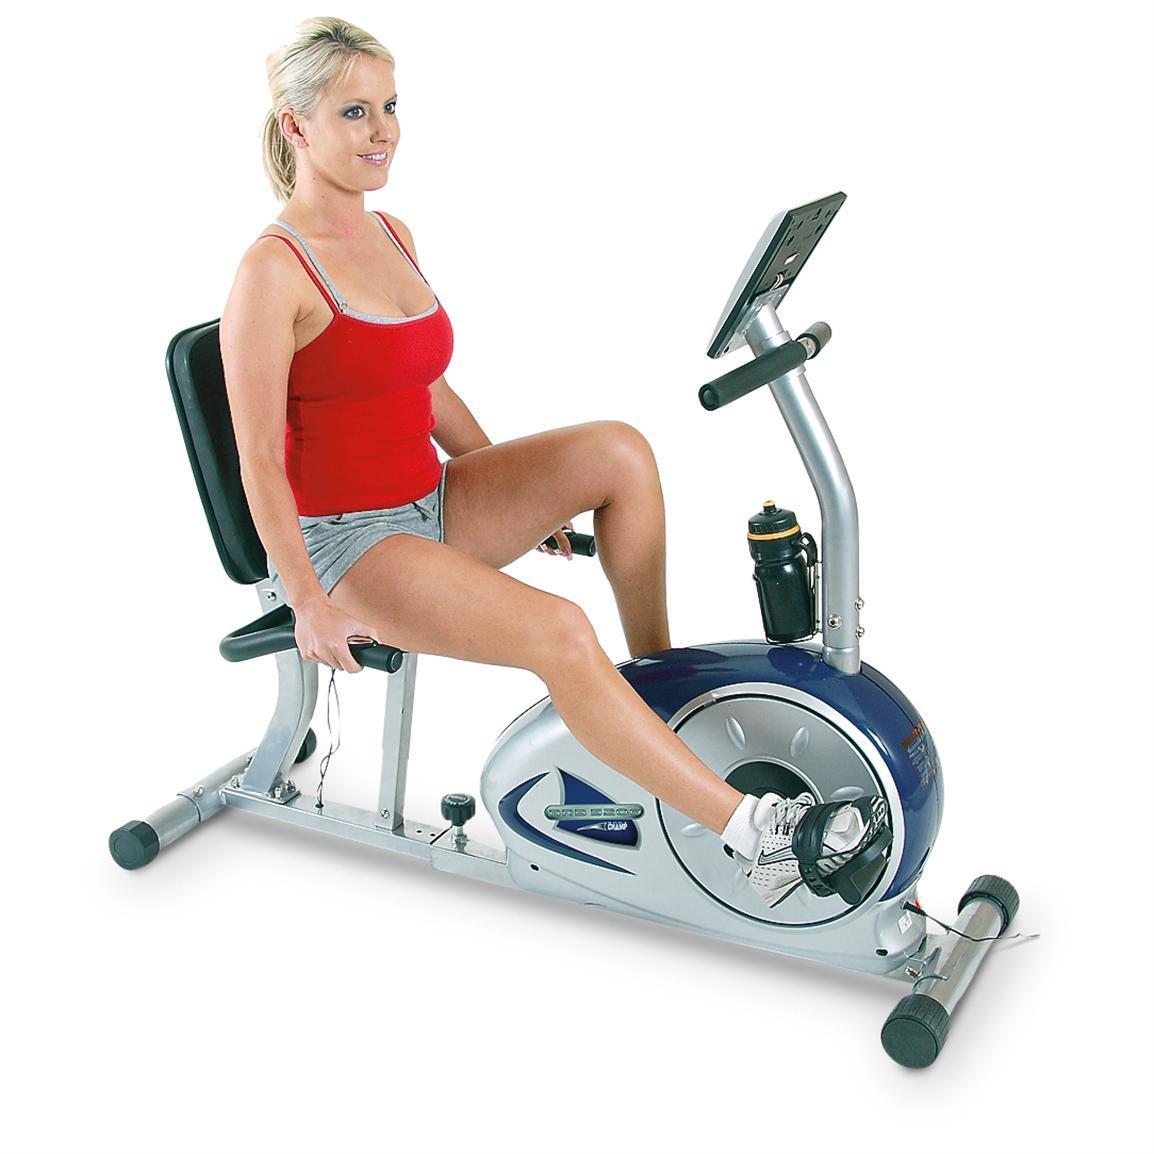 Интервальная тренировка на велотренажере: эффективное кардио для похудения и сжигания жира, а также система езды для новичков и бегунов